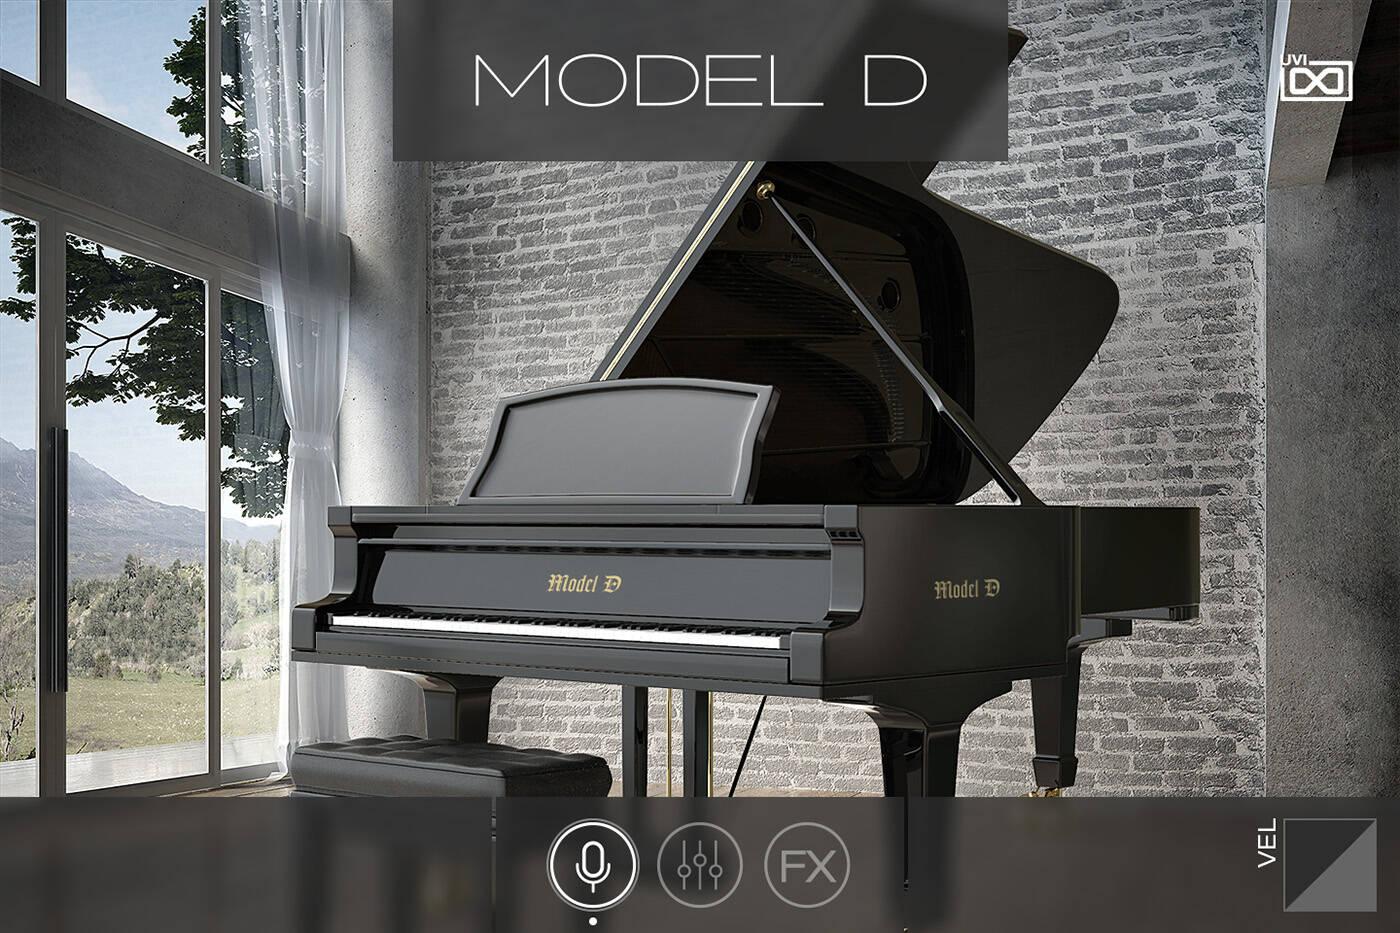 GUI_Model-D_01-MAIN